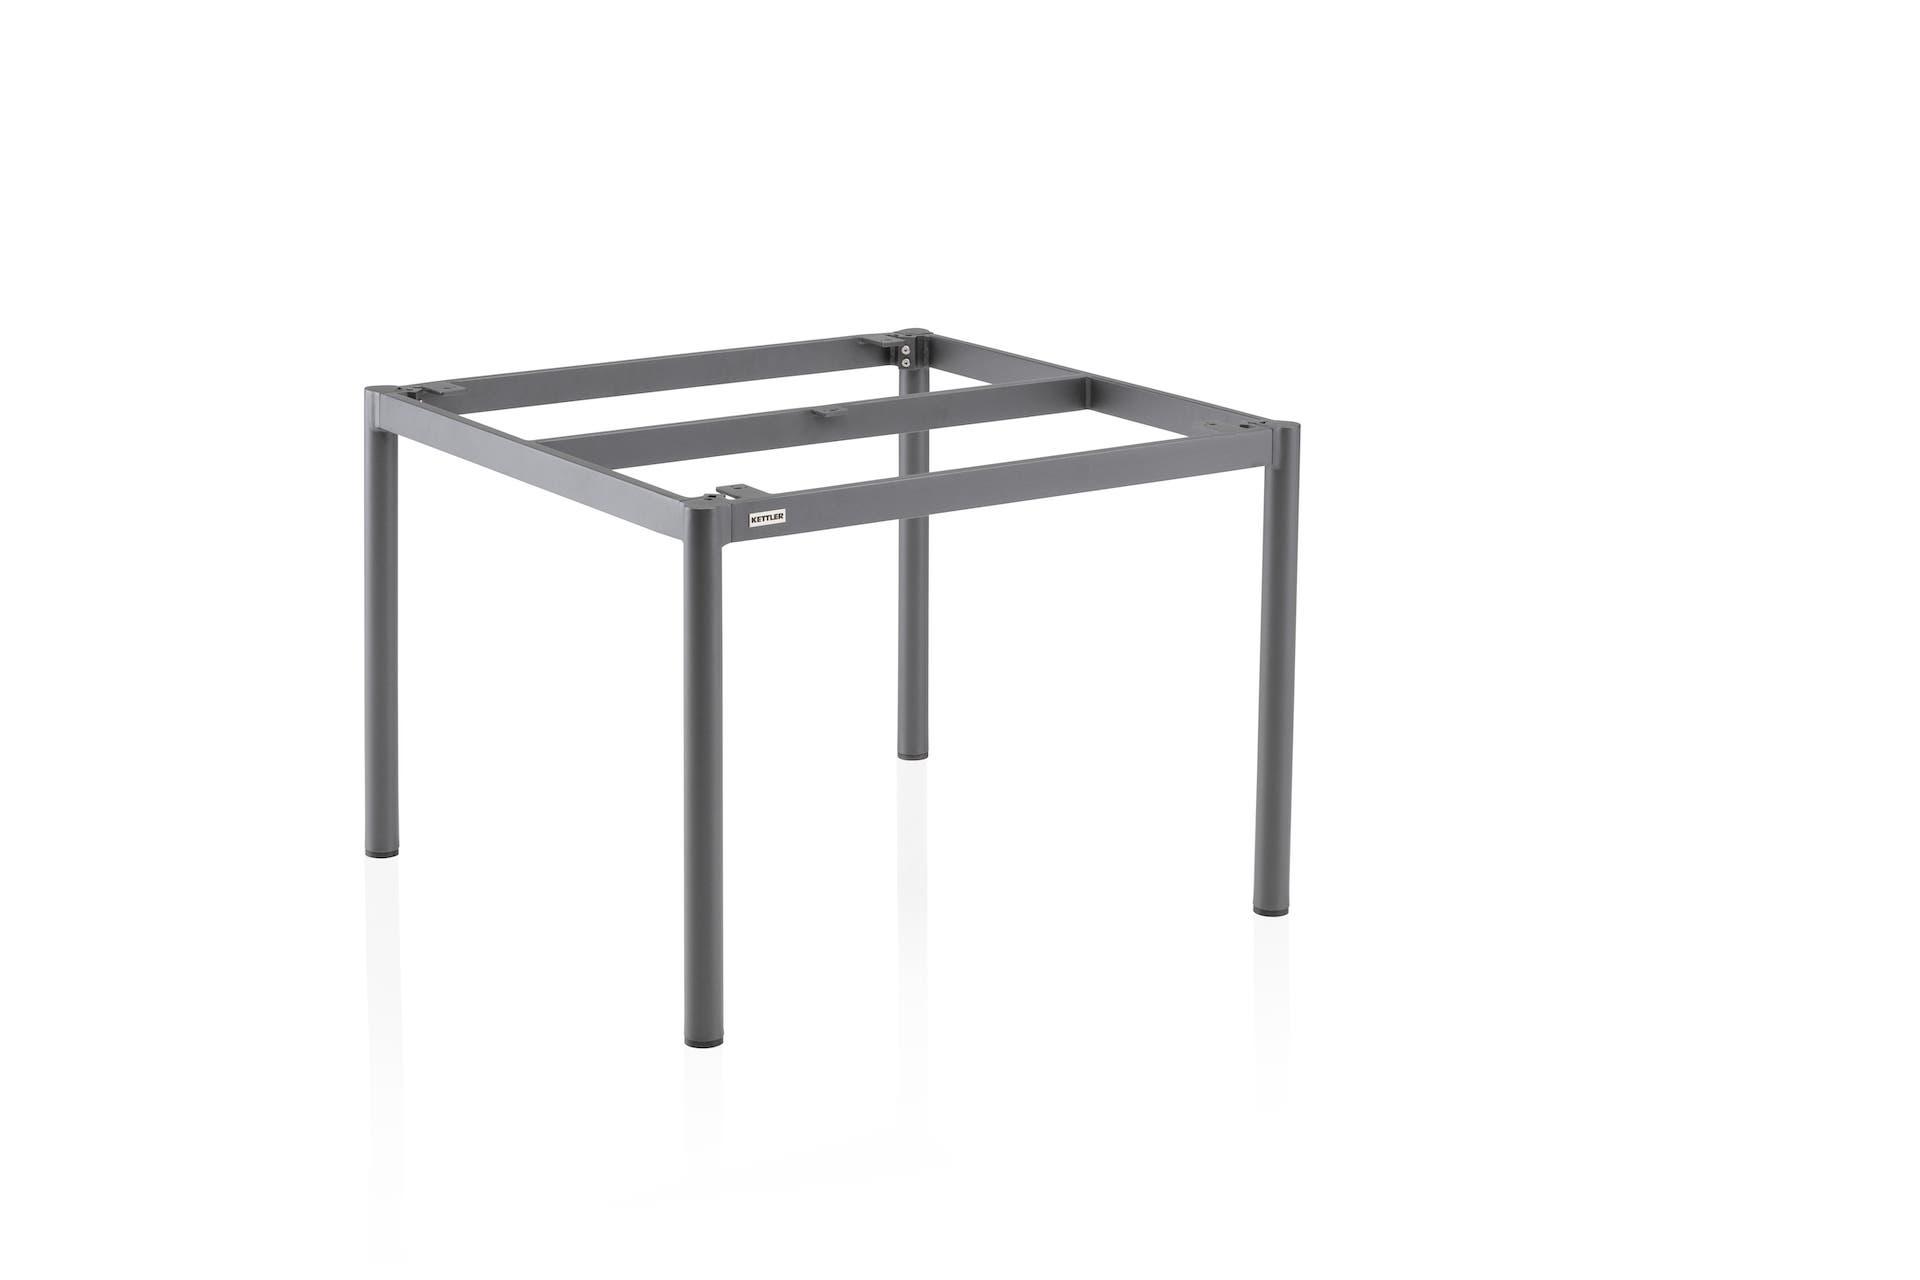 WIRE Tischgestell 95 x 95 cm